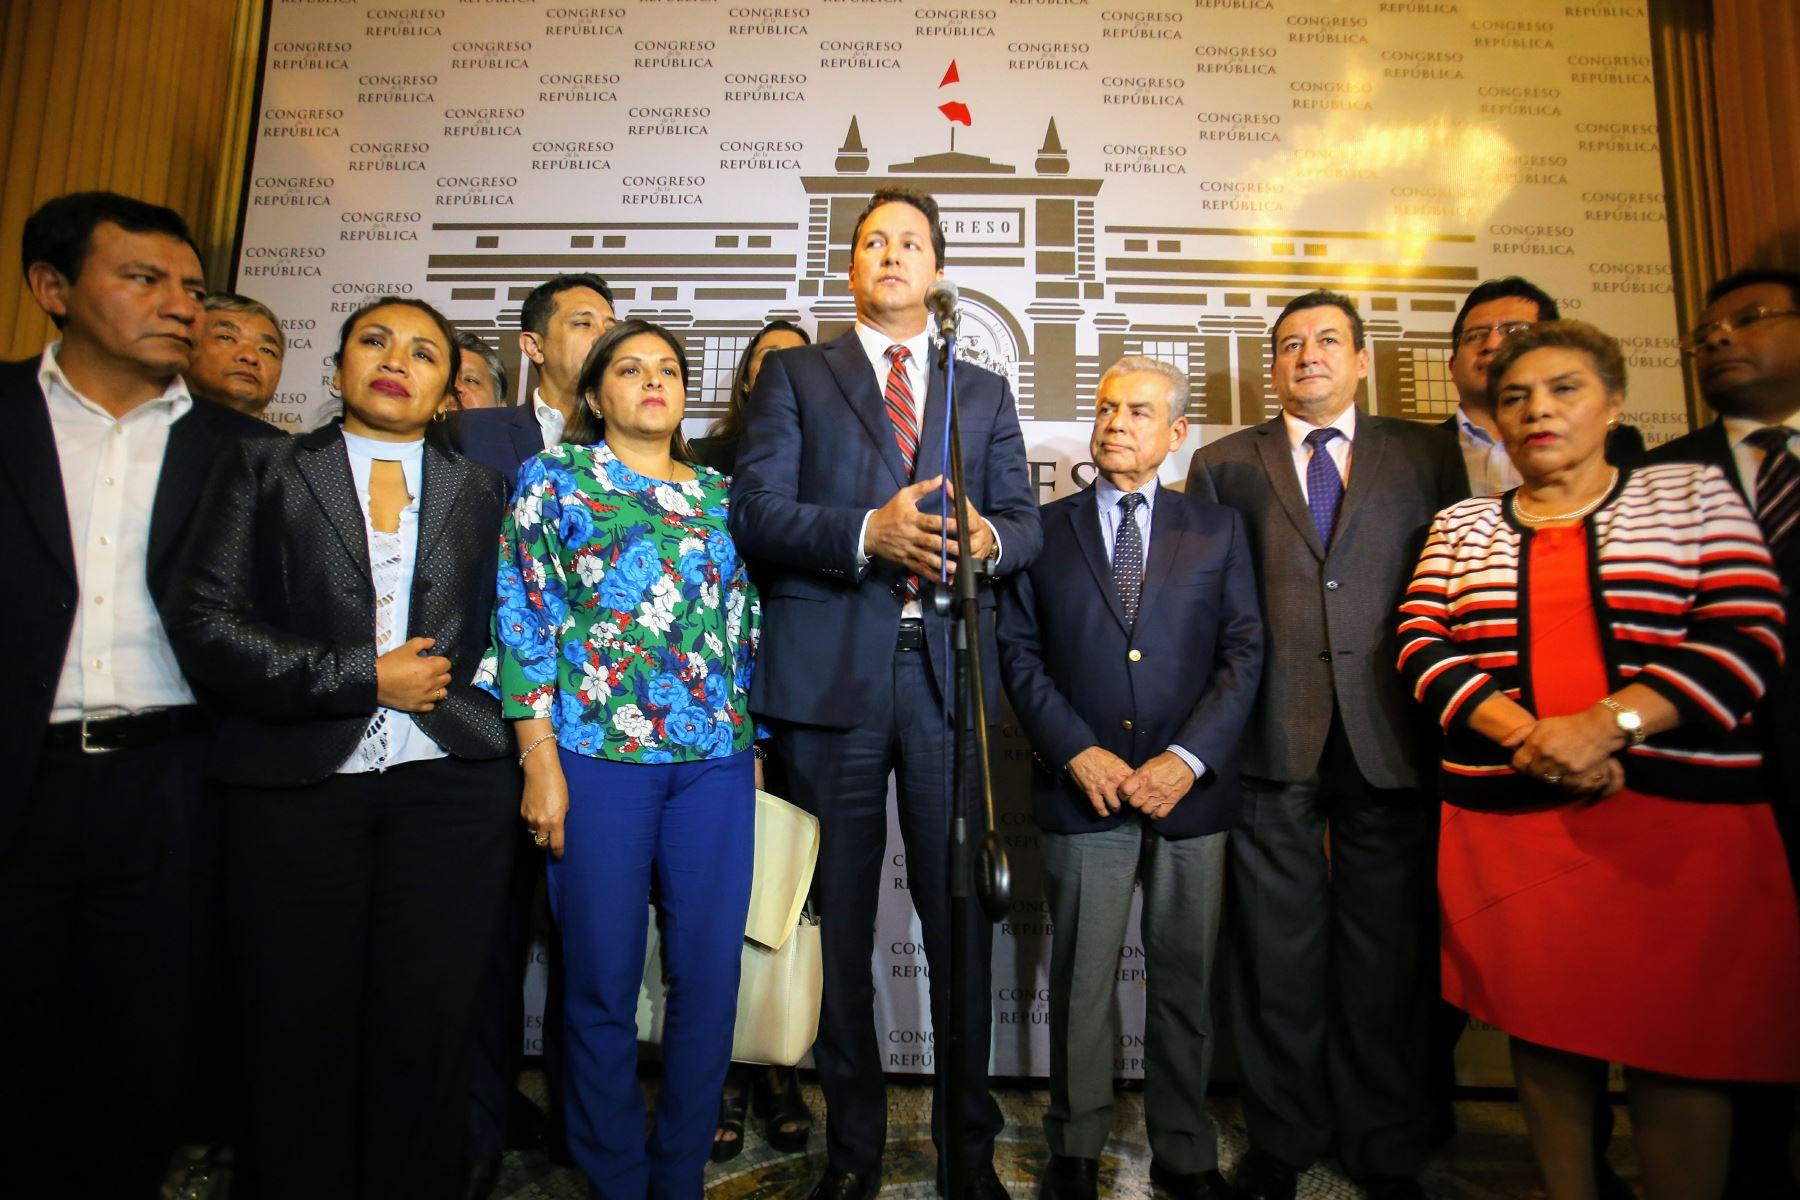 Presidente del Consejo de Ministros, César Villanueva, se reune con miembros de la bancada de Fuerza Popular en el Congreso de la República. Foto: ANDINA/Luis Iparraguirre